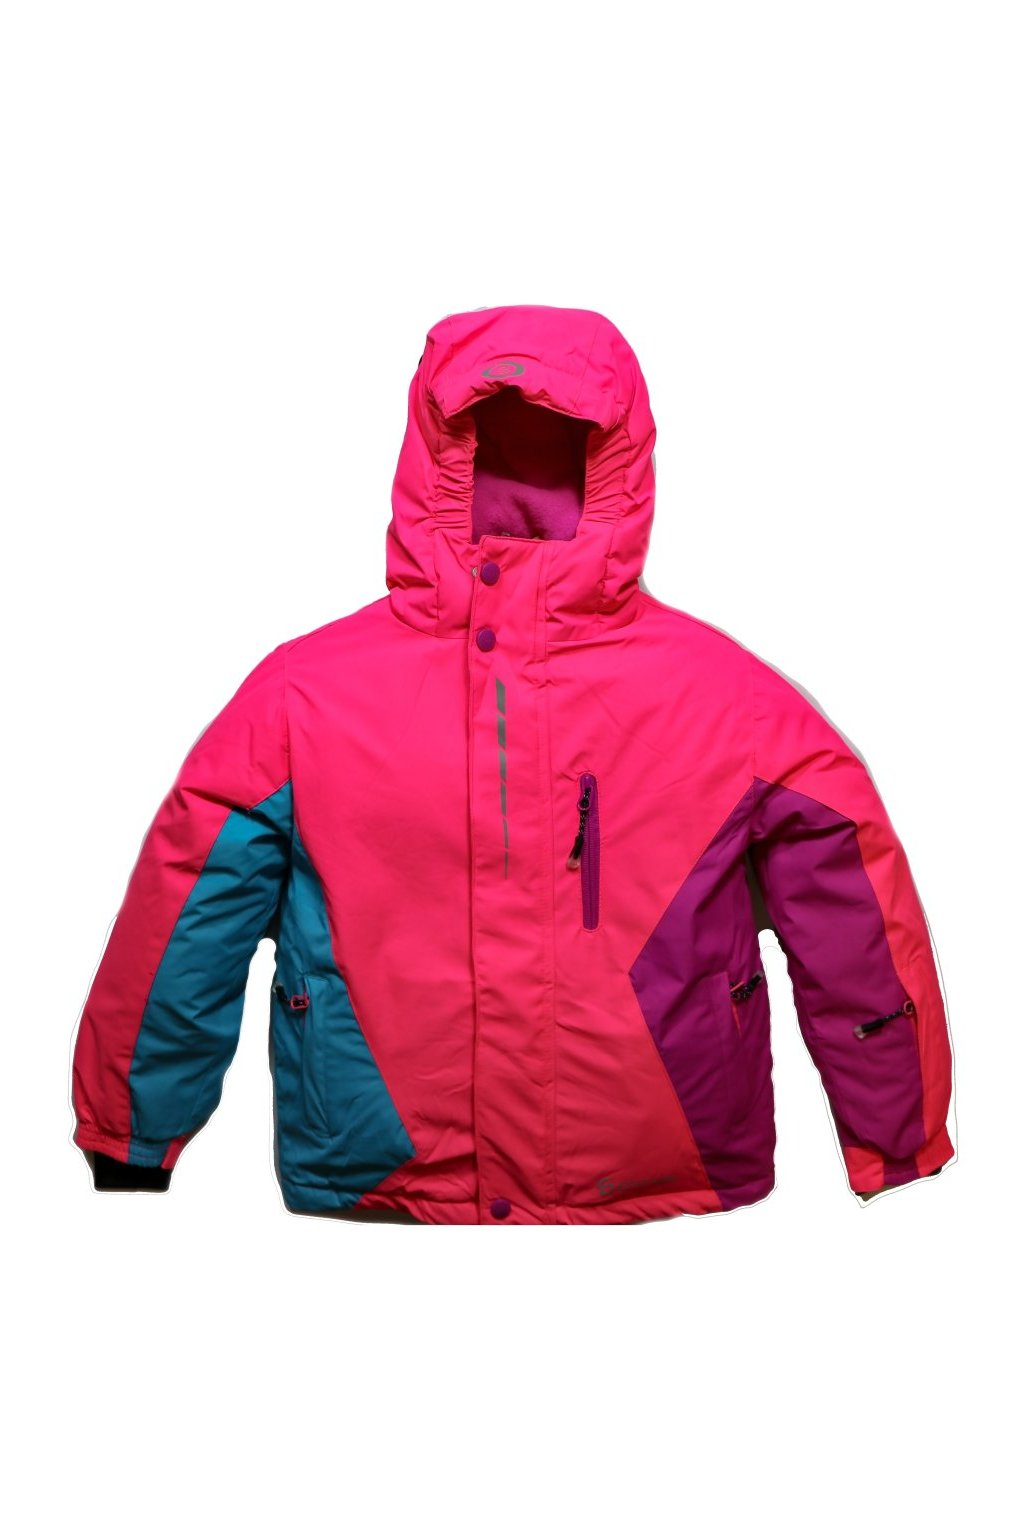 Dětská zimní bunda HA02-M1 růžová vel. 104-134 cm